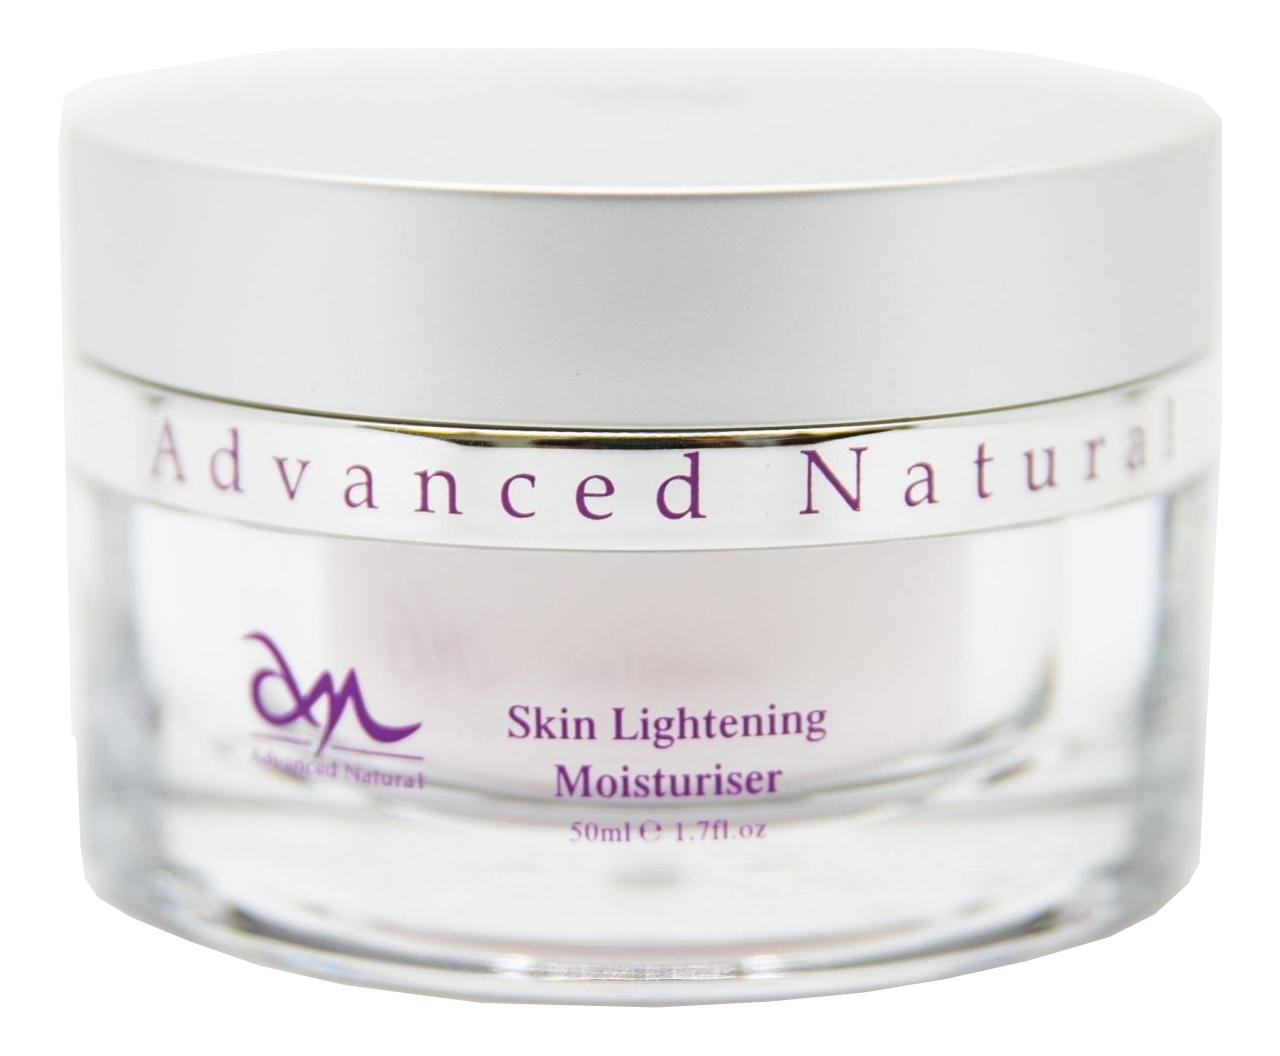 Купить Осветляющий увлажняющий крем для лица Skin Lightening Moisturiser 50мл, Advanced Natural